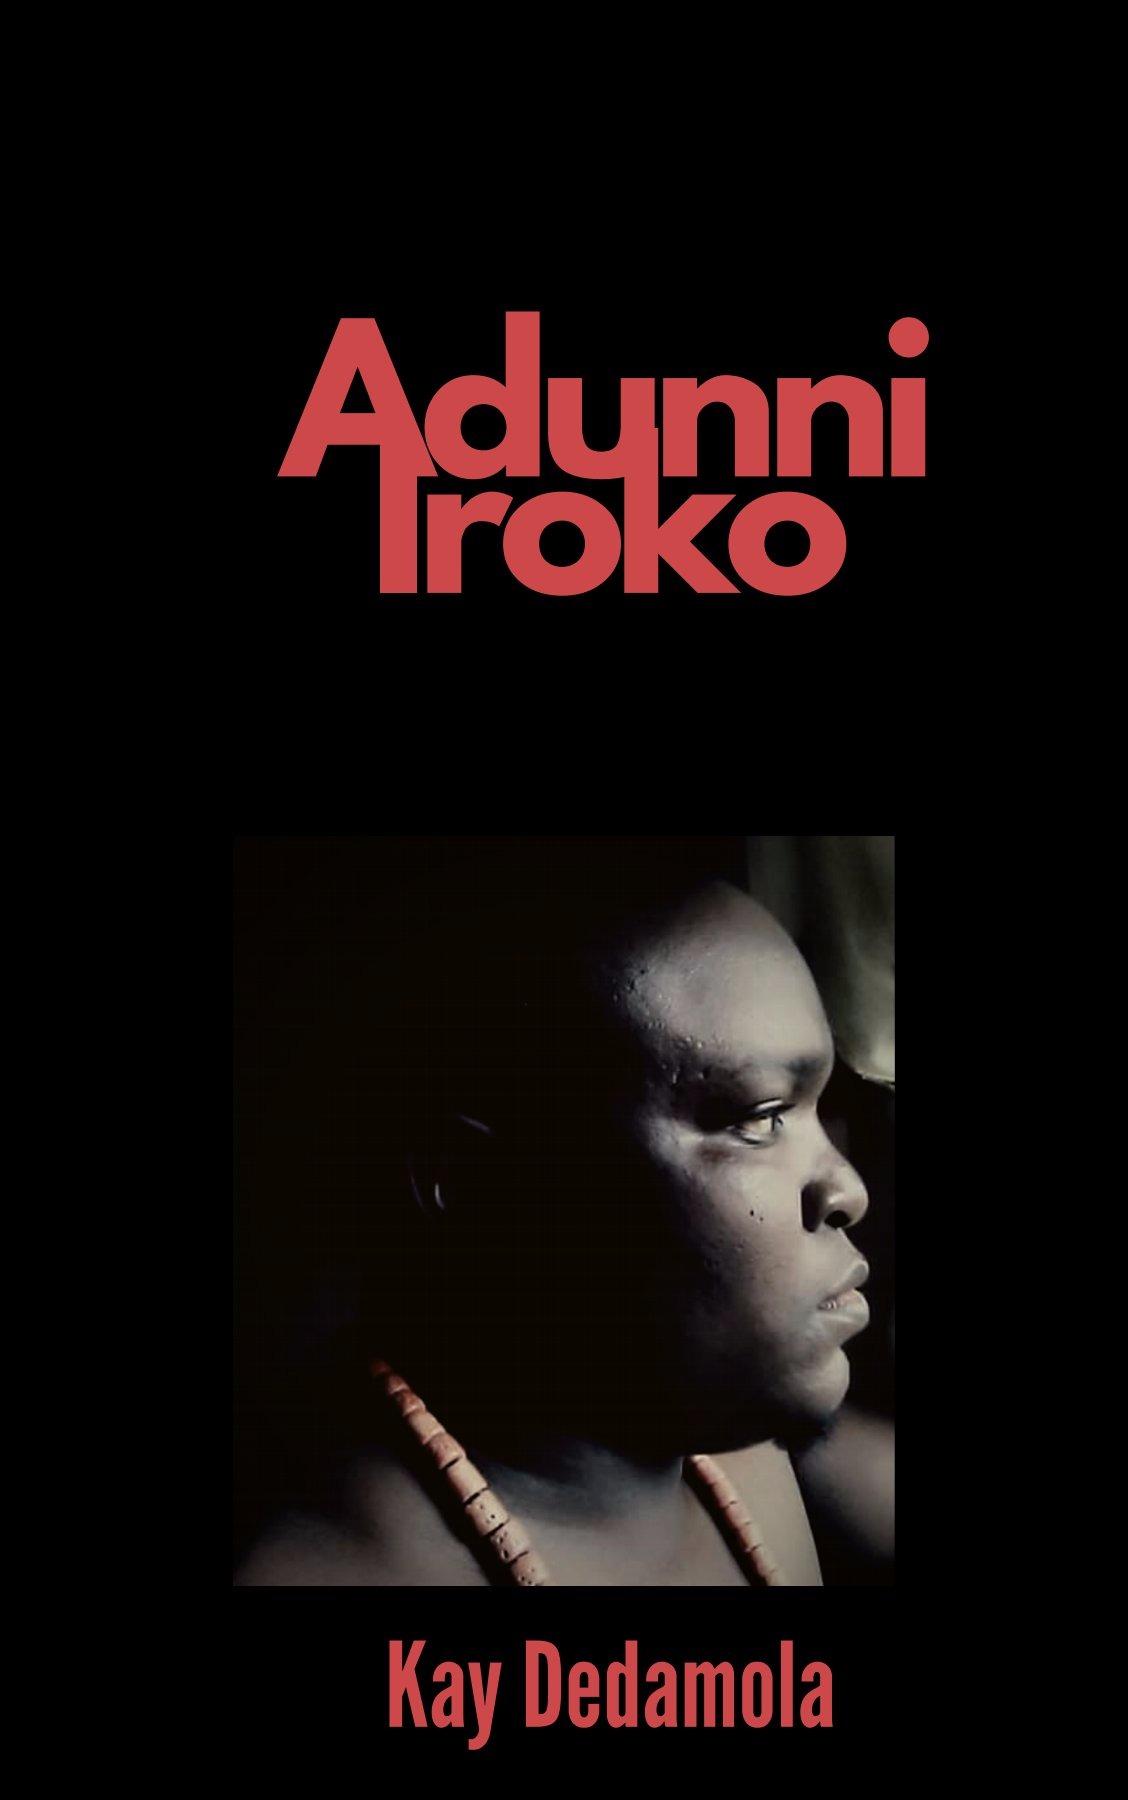 Adunni Iroko